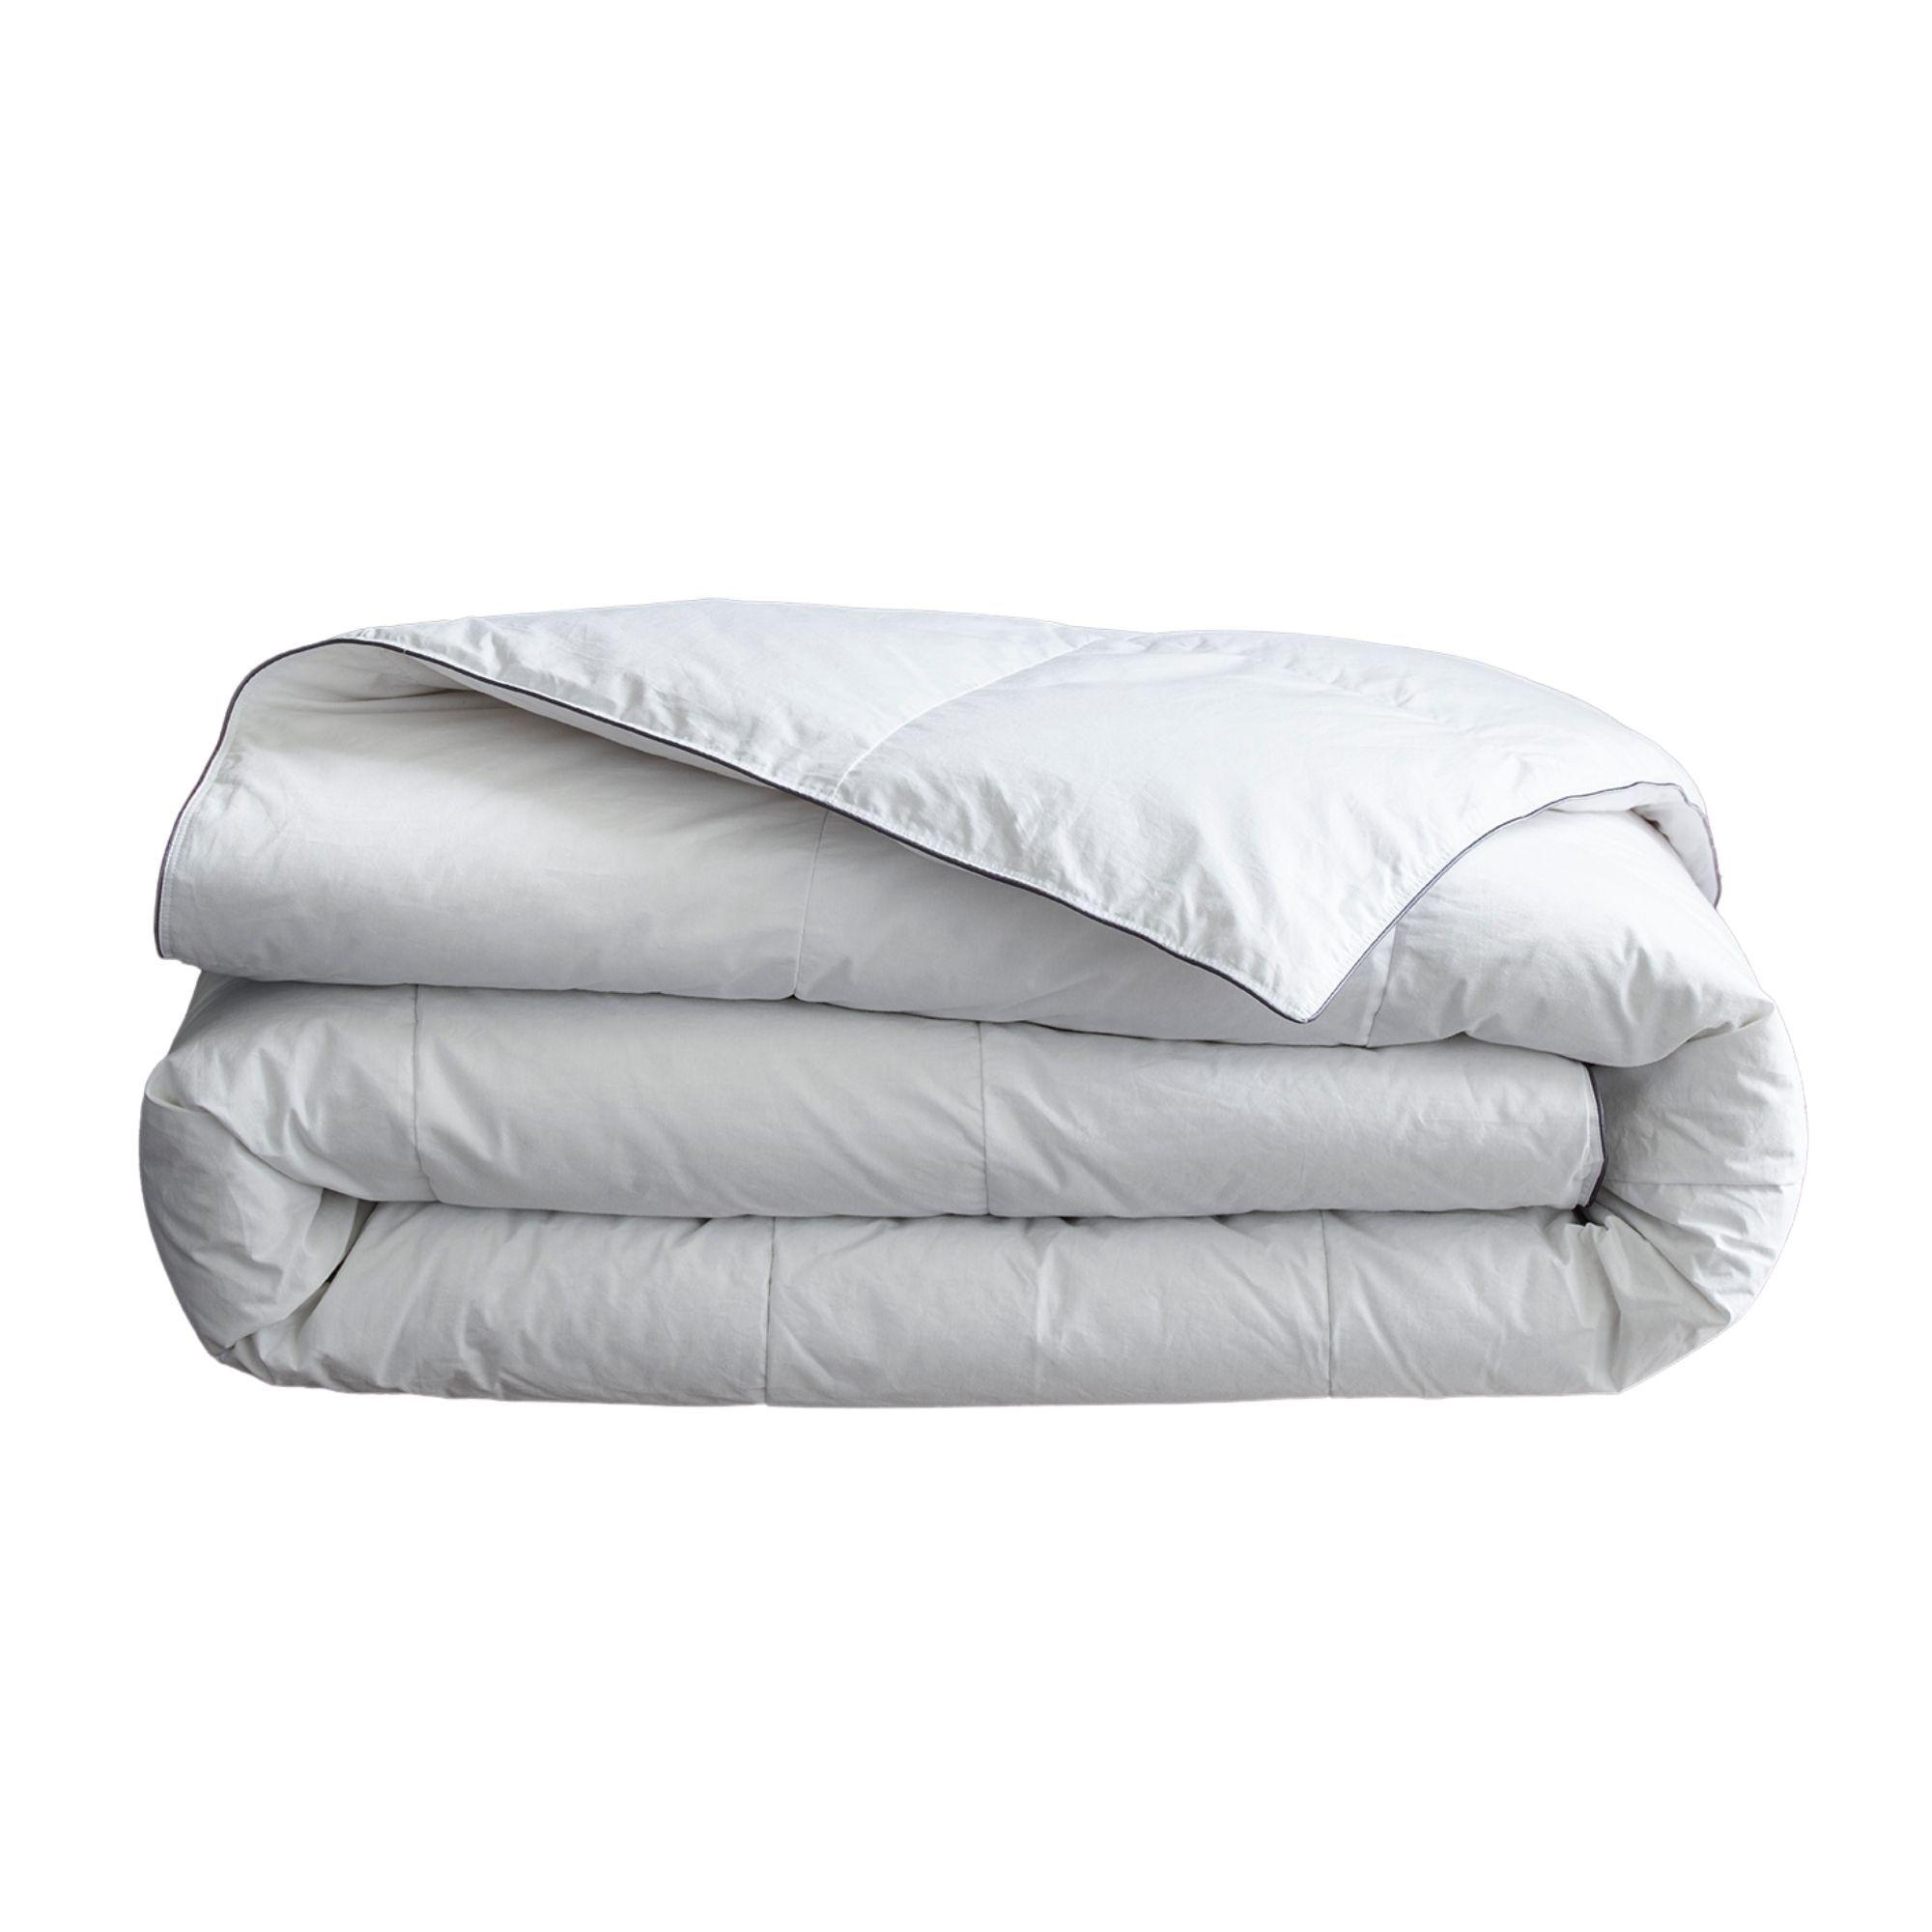 MPC Maison Couette luxe en Plume 4 saisons Blanc 240x220 cm